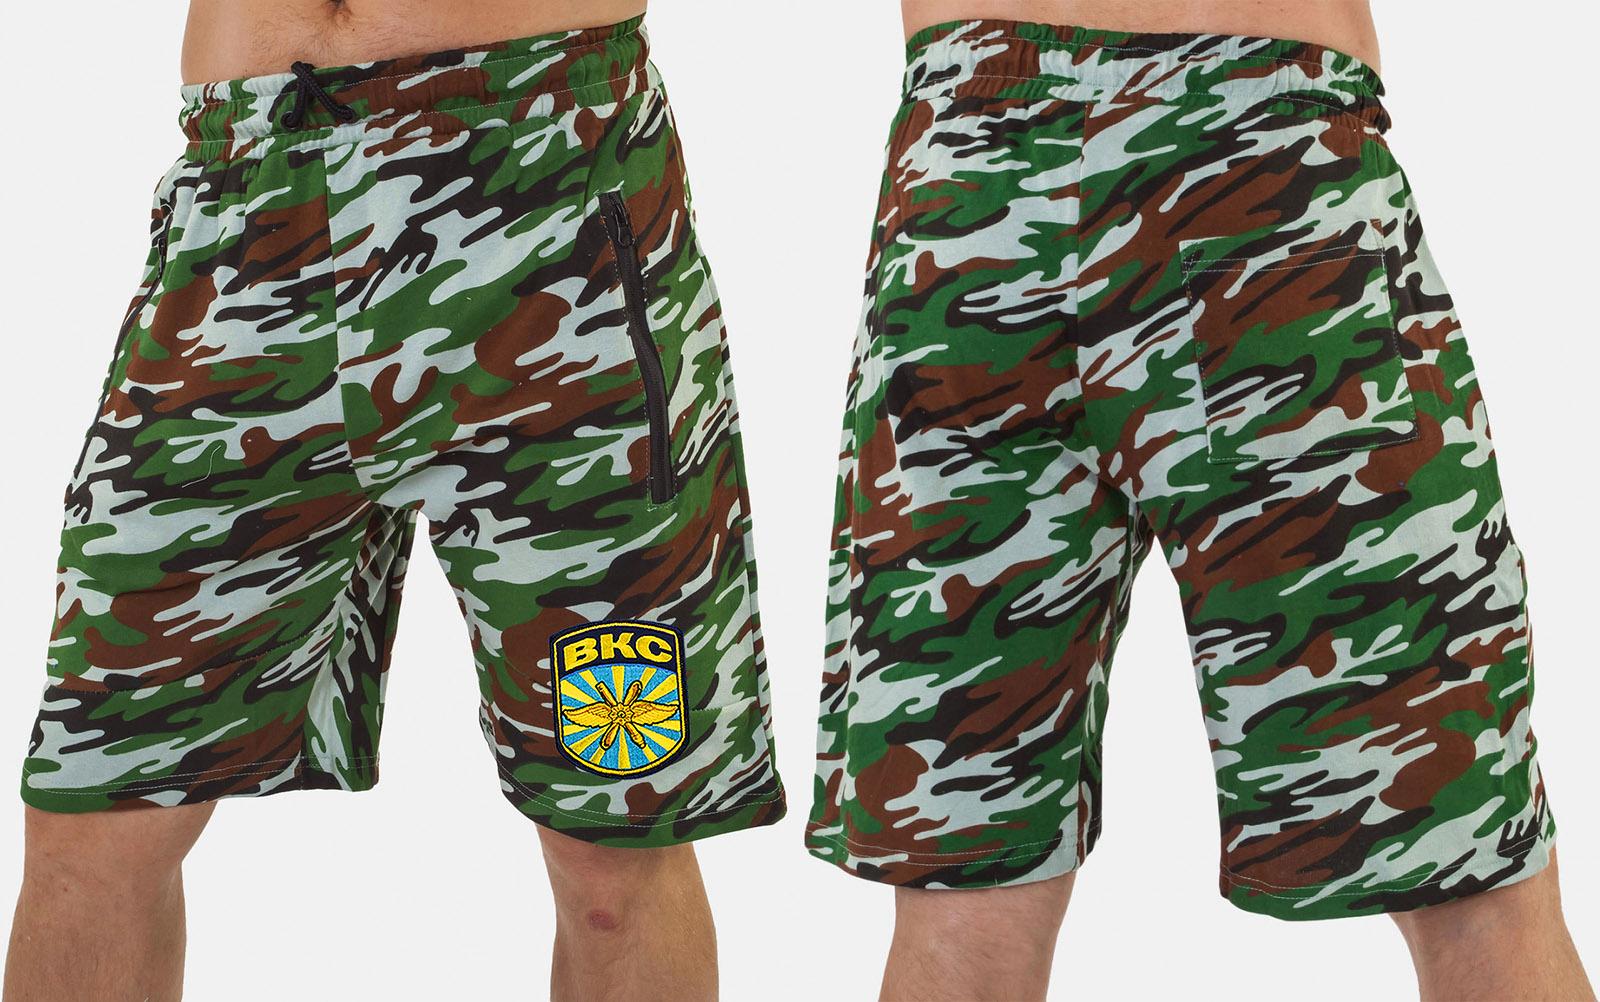 Удлиненные надежные шорты с нашивкой ВКС - заказать в розницу